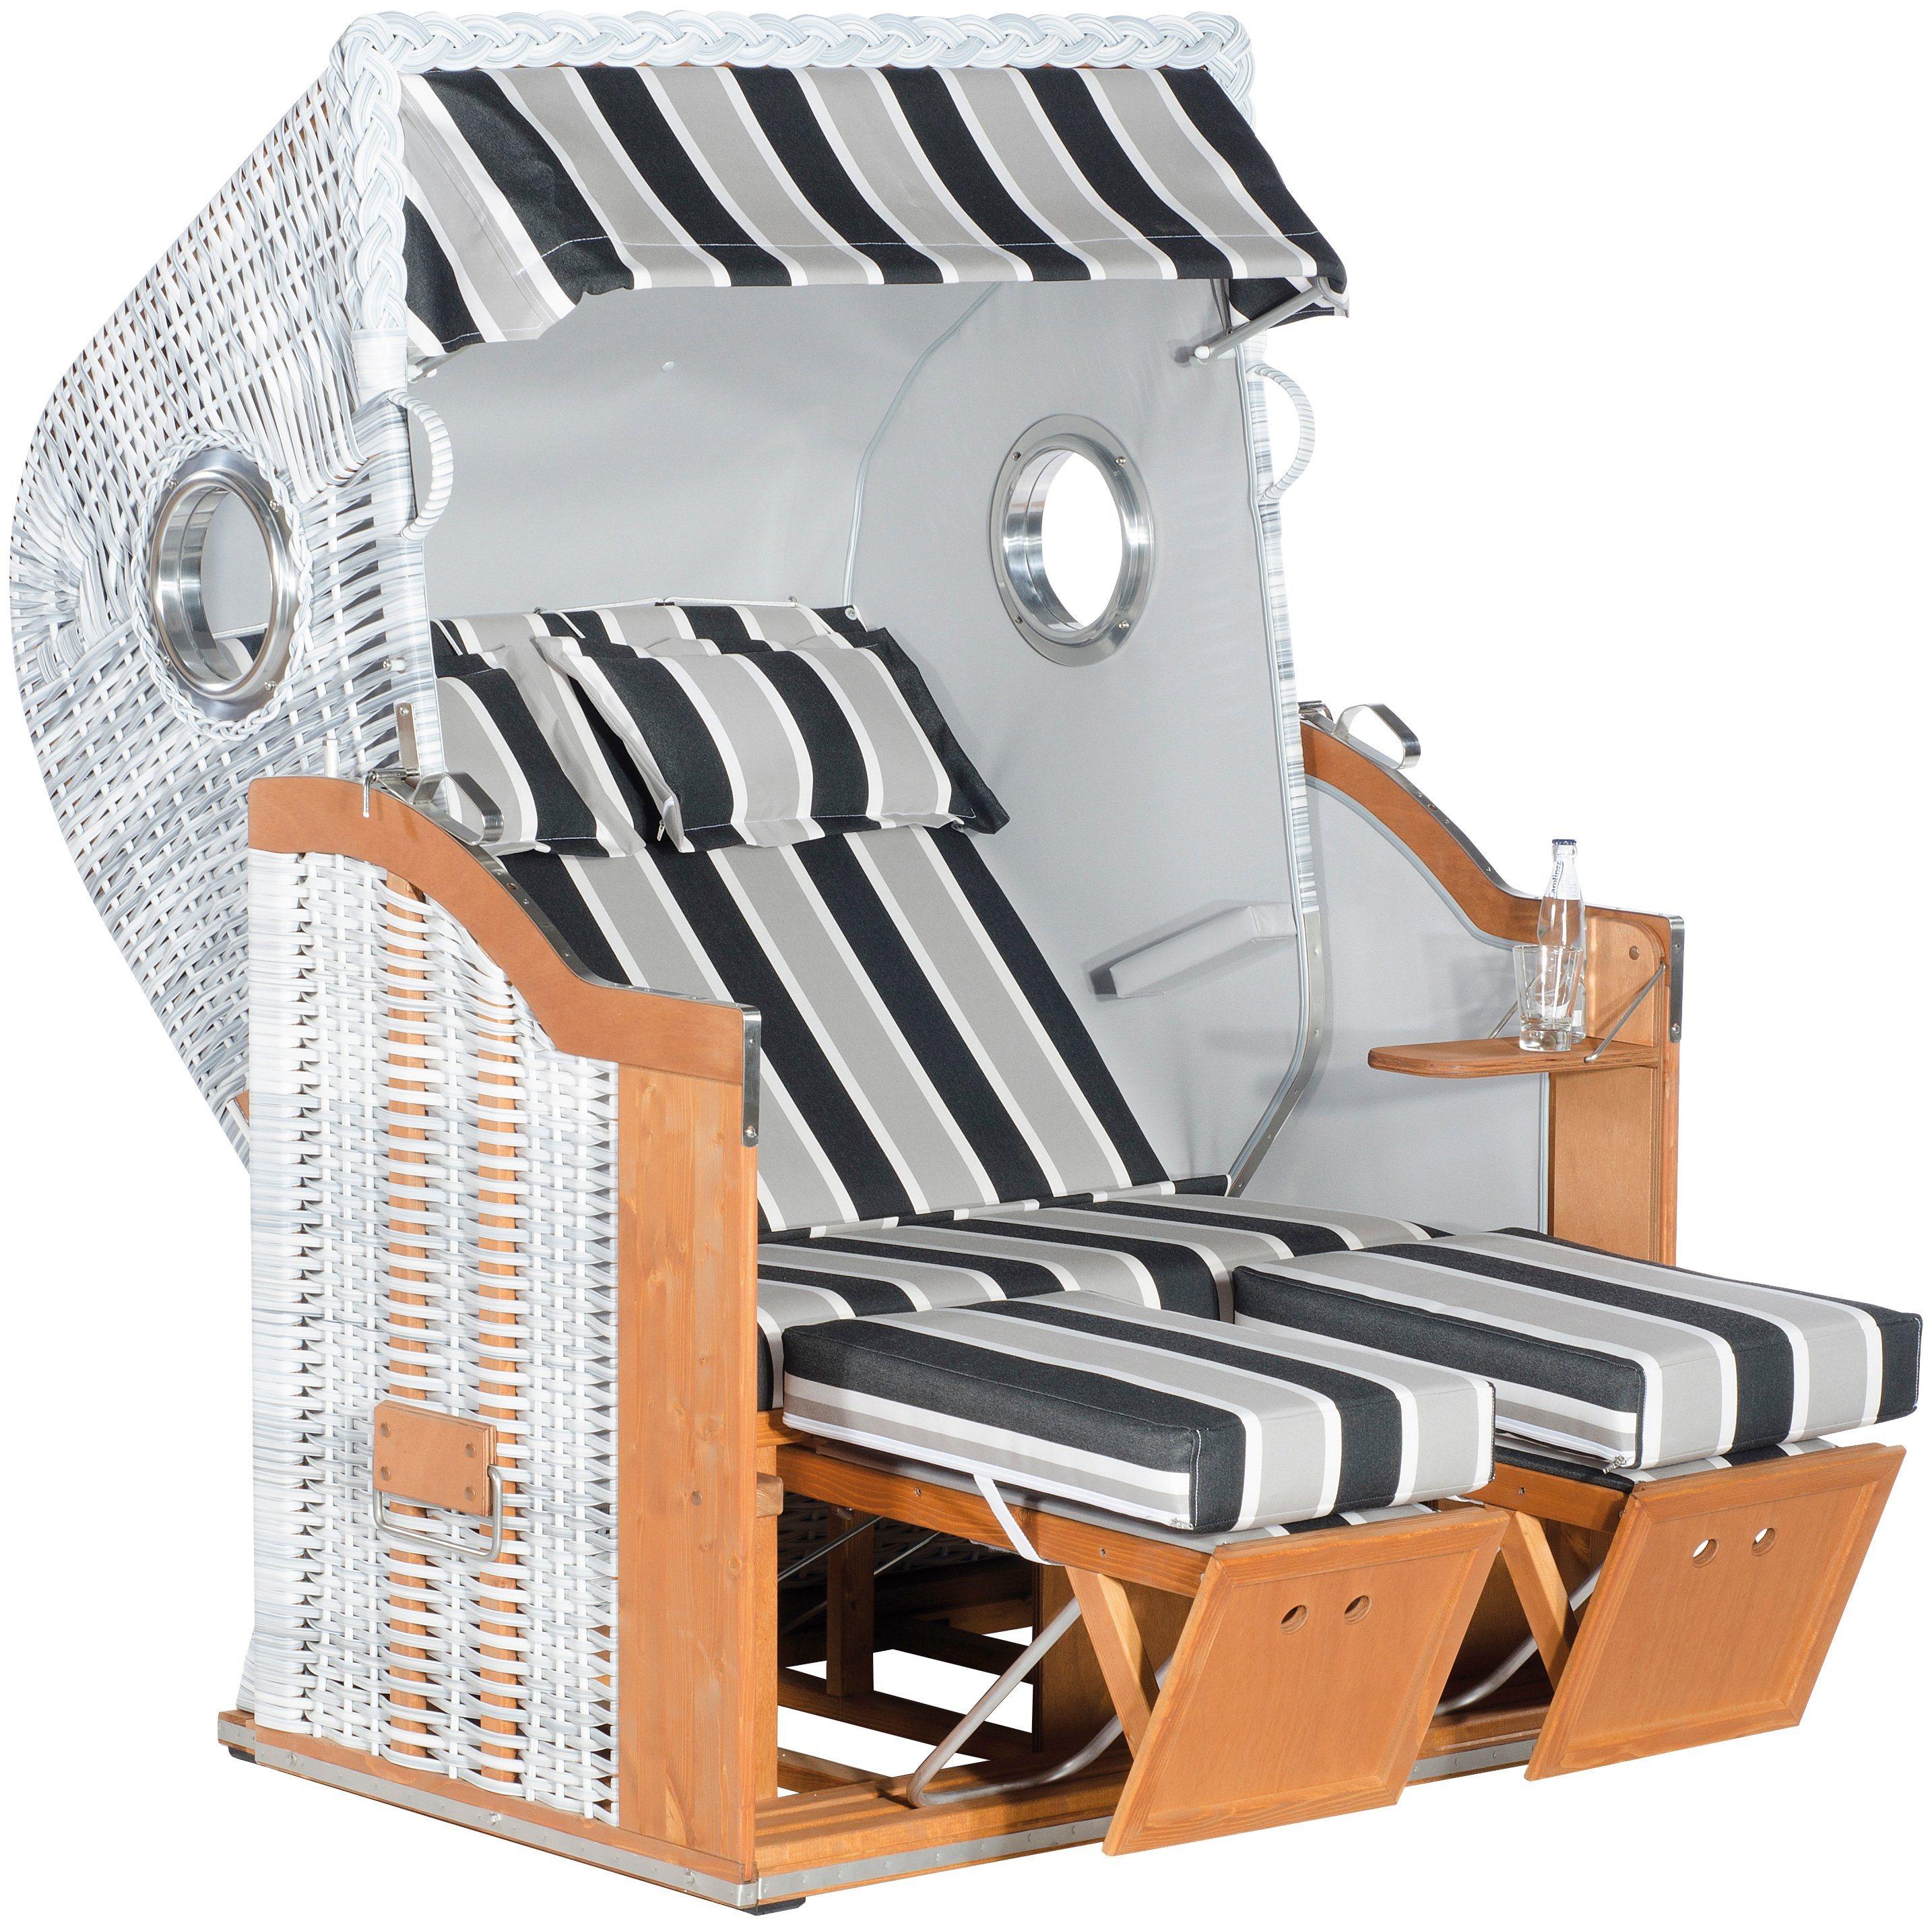 bullaugen preisvergleich die besten angebote online kaufen. Black Bedroom Furniture Sets. Home Design Ideas